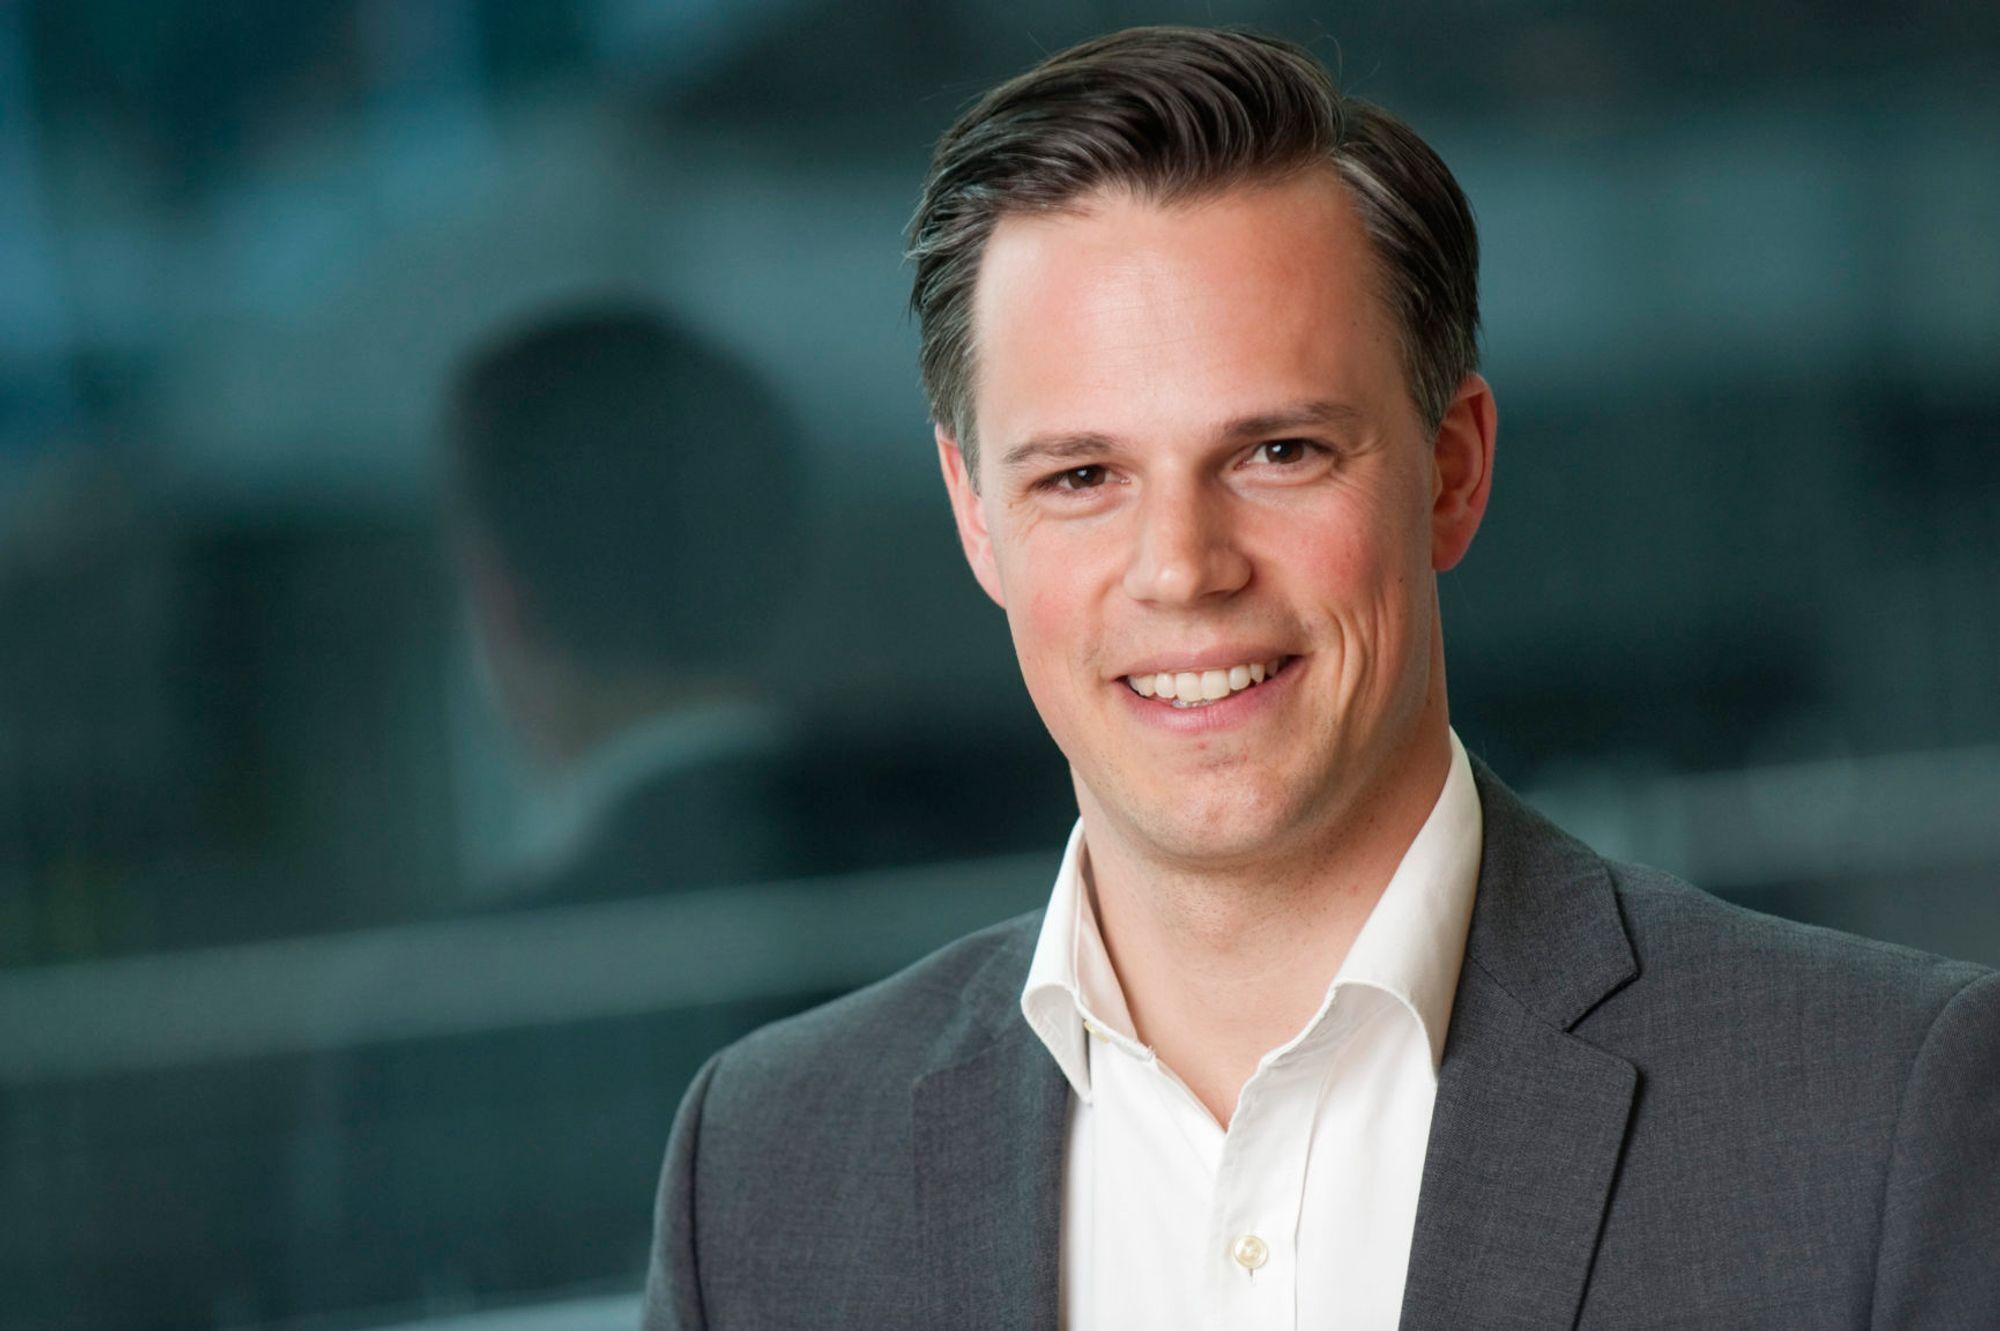 Informasjonssjef Even Westerveld i Dnb innrømmer at banken kunne innhentet opplysningene på en mer smidig måte.